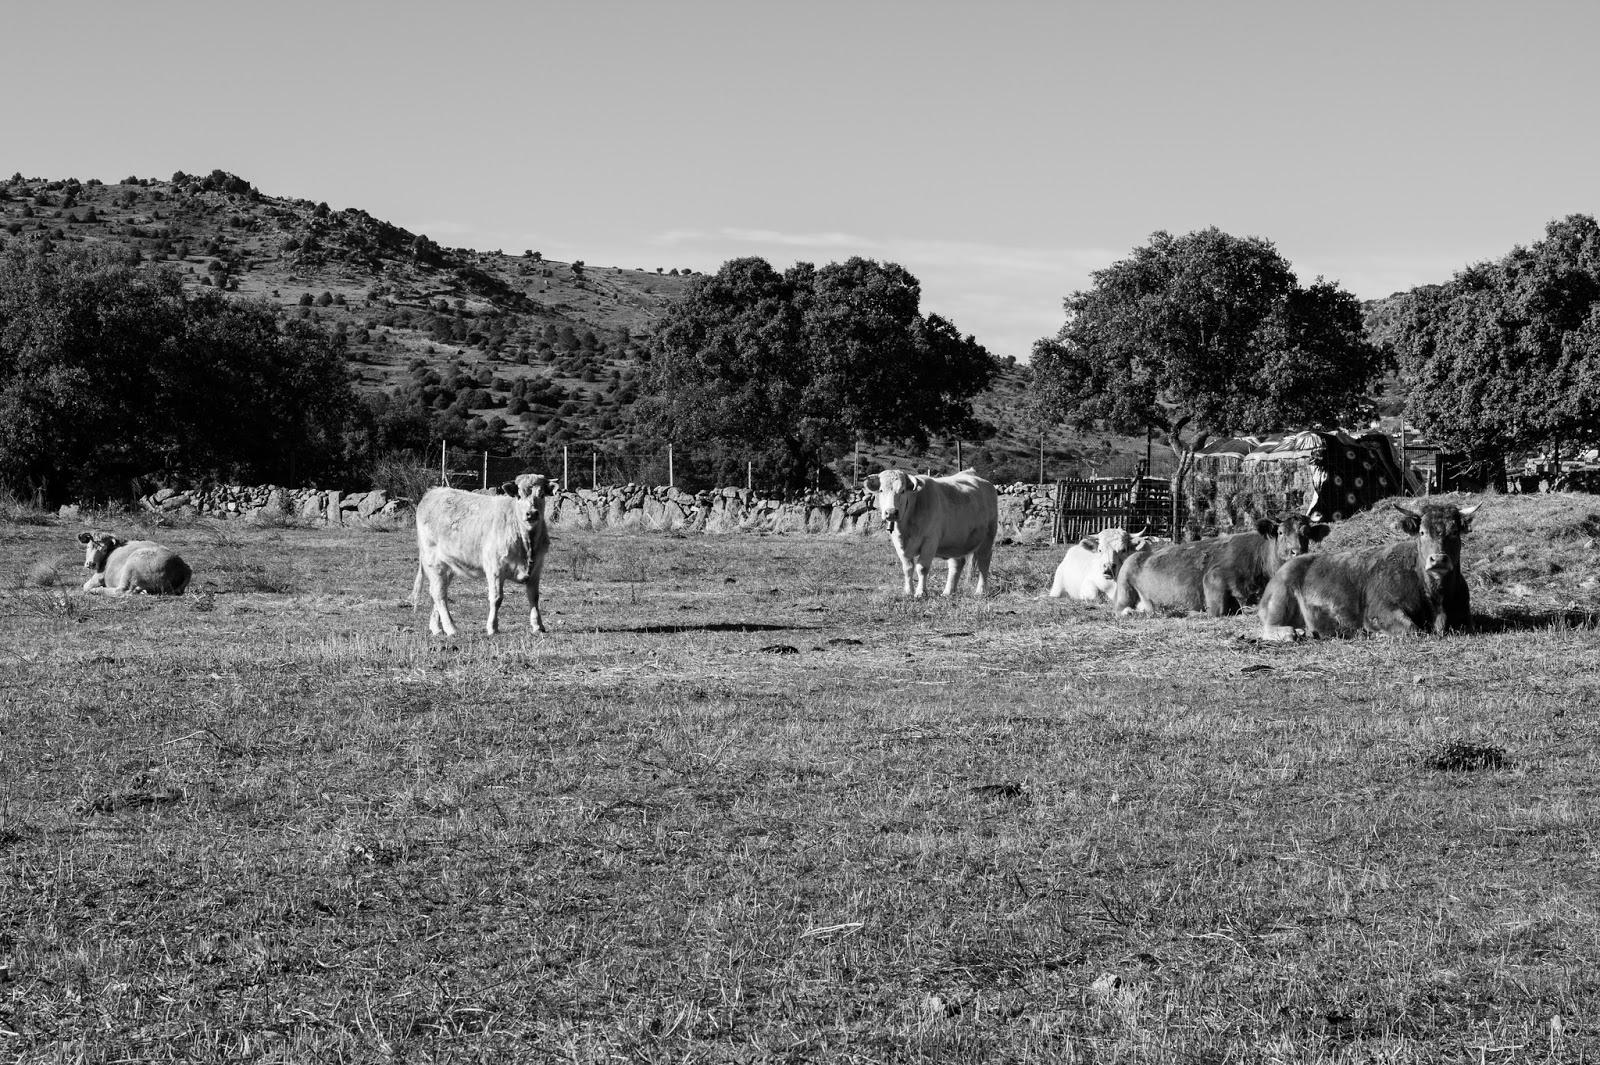 Vacas Pastando, El Barraco, Avila 2013